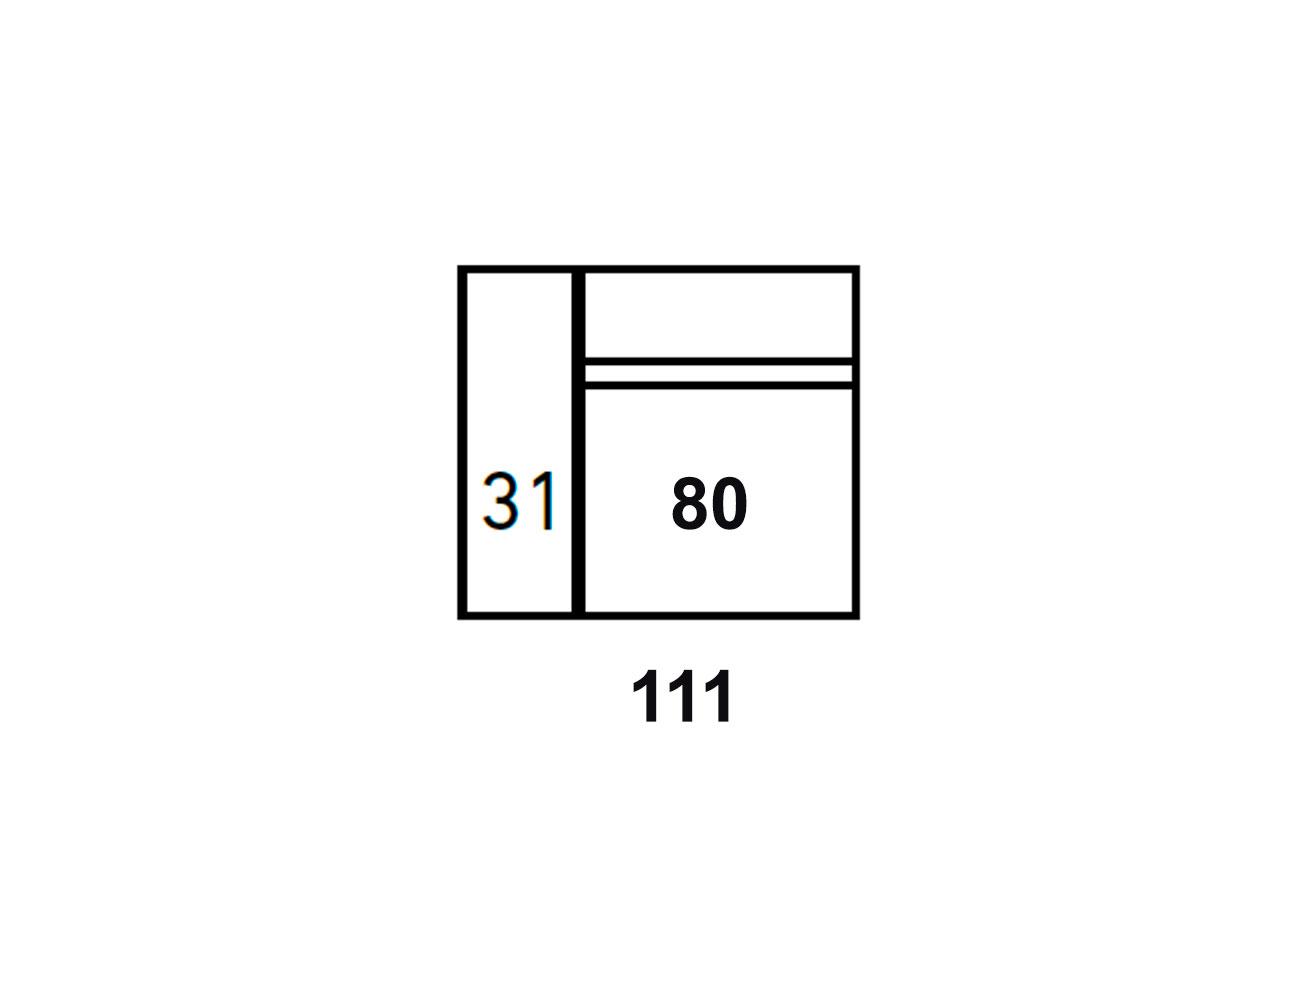 Modulo 1p 1114